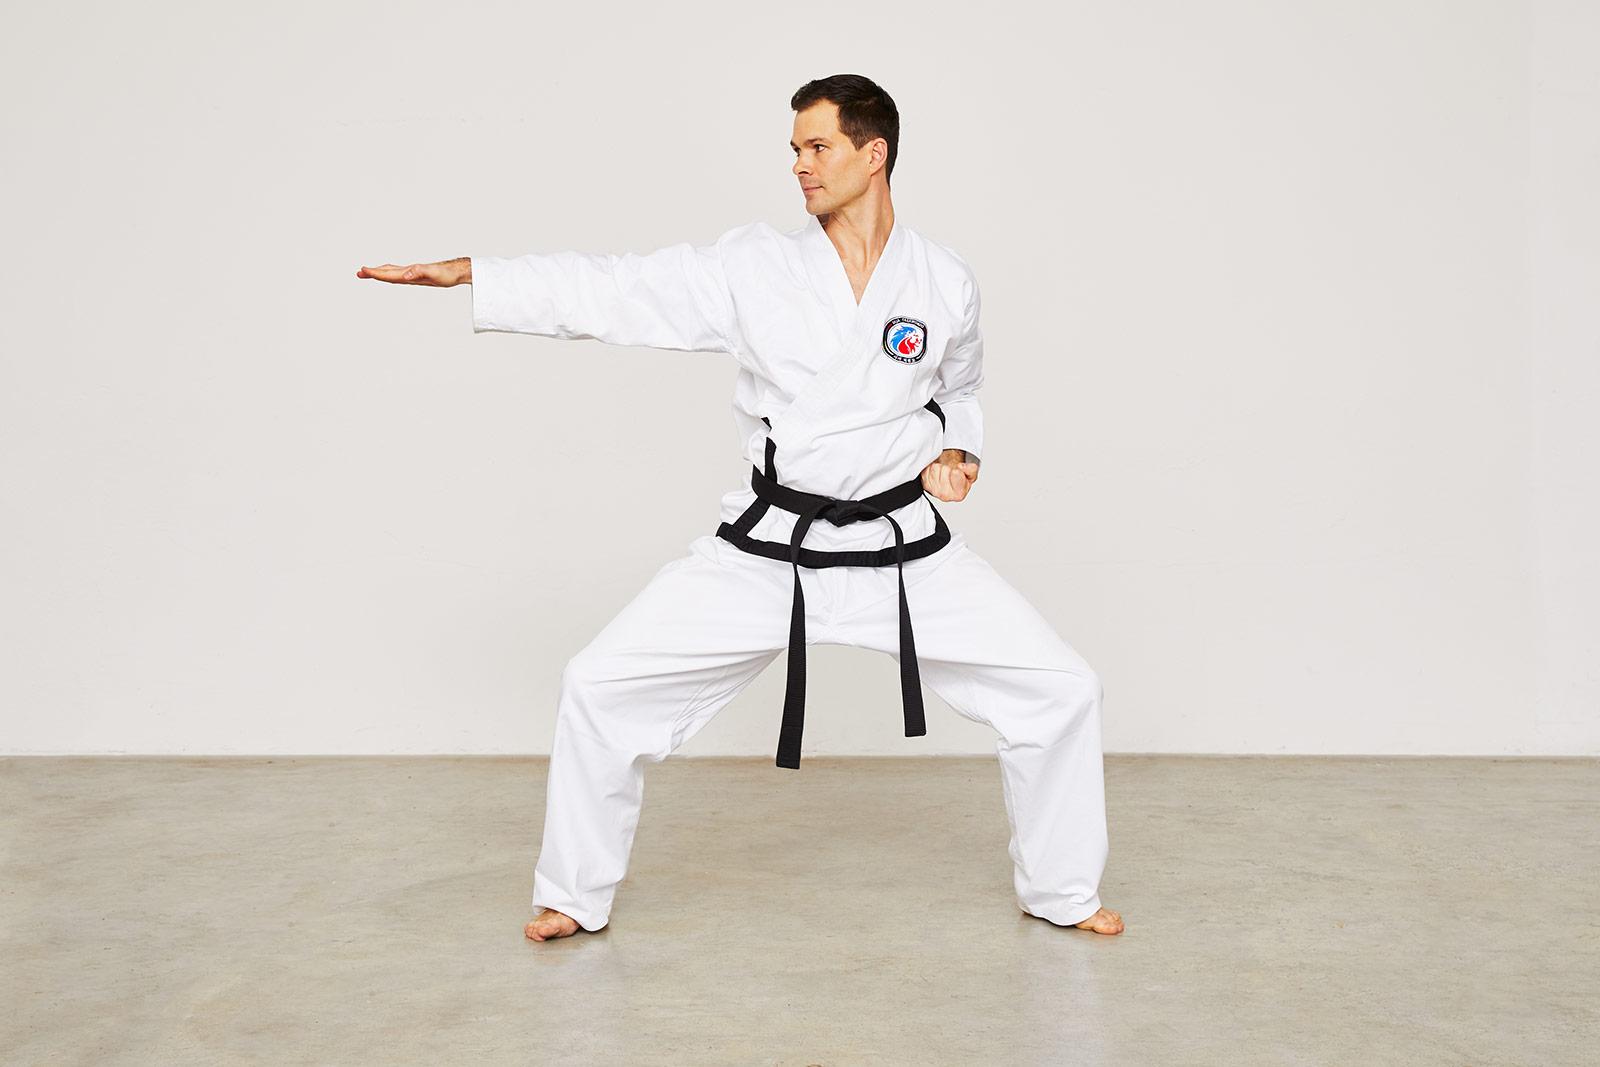 Taekwondo 11. Hyong